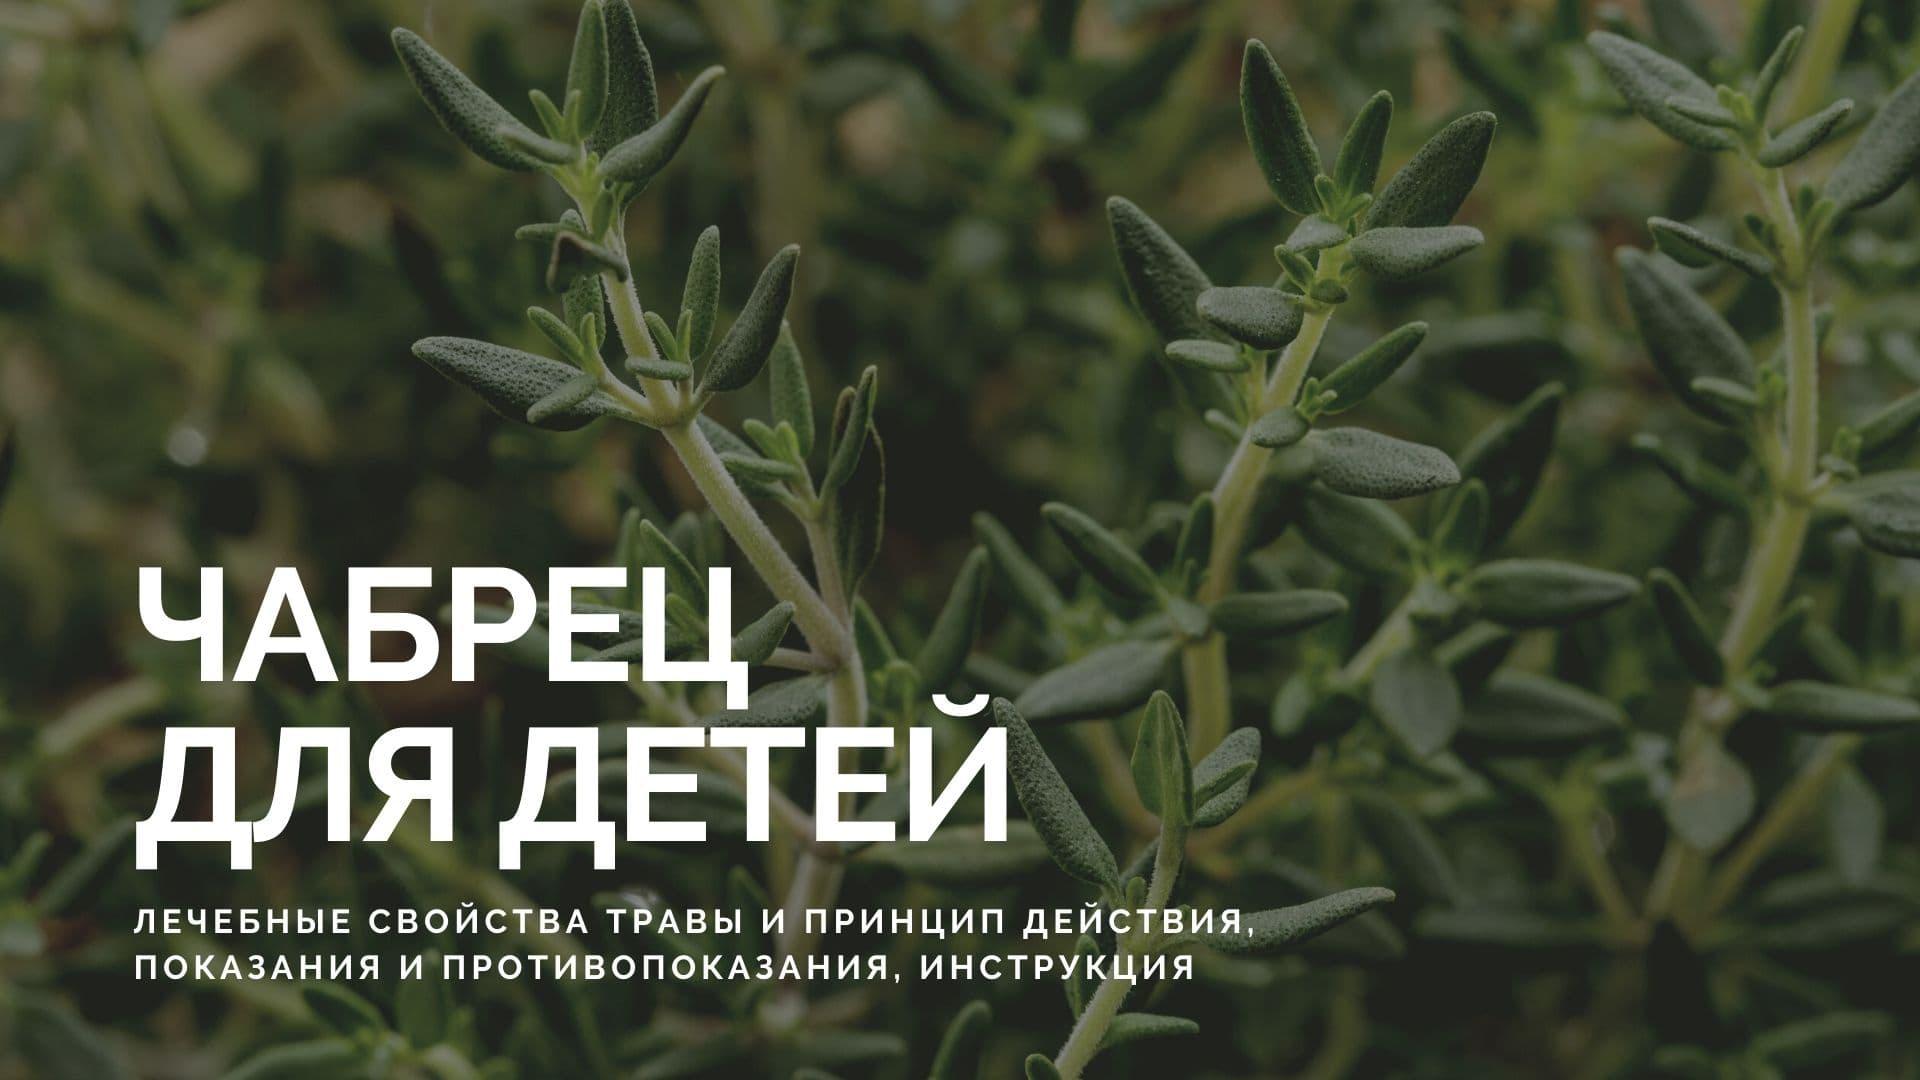 Чабрец для детей: лечебные свойства травы и принцип действия, показания и противопоказания, инструкция